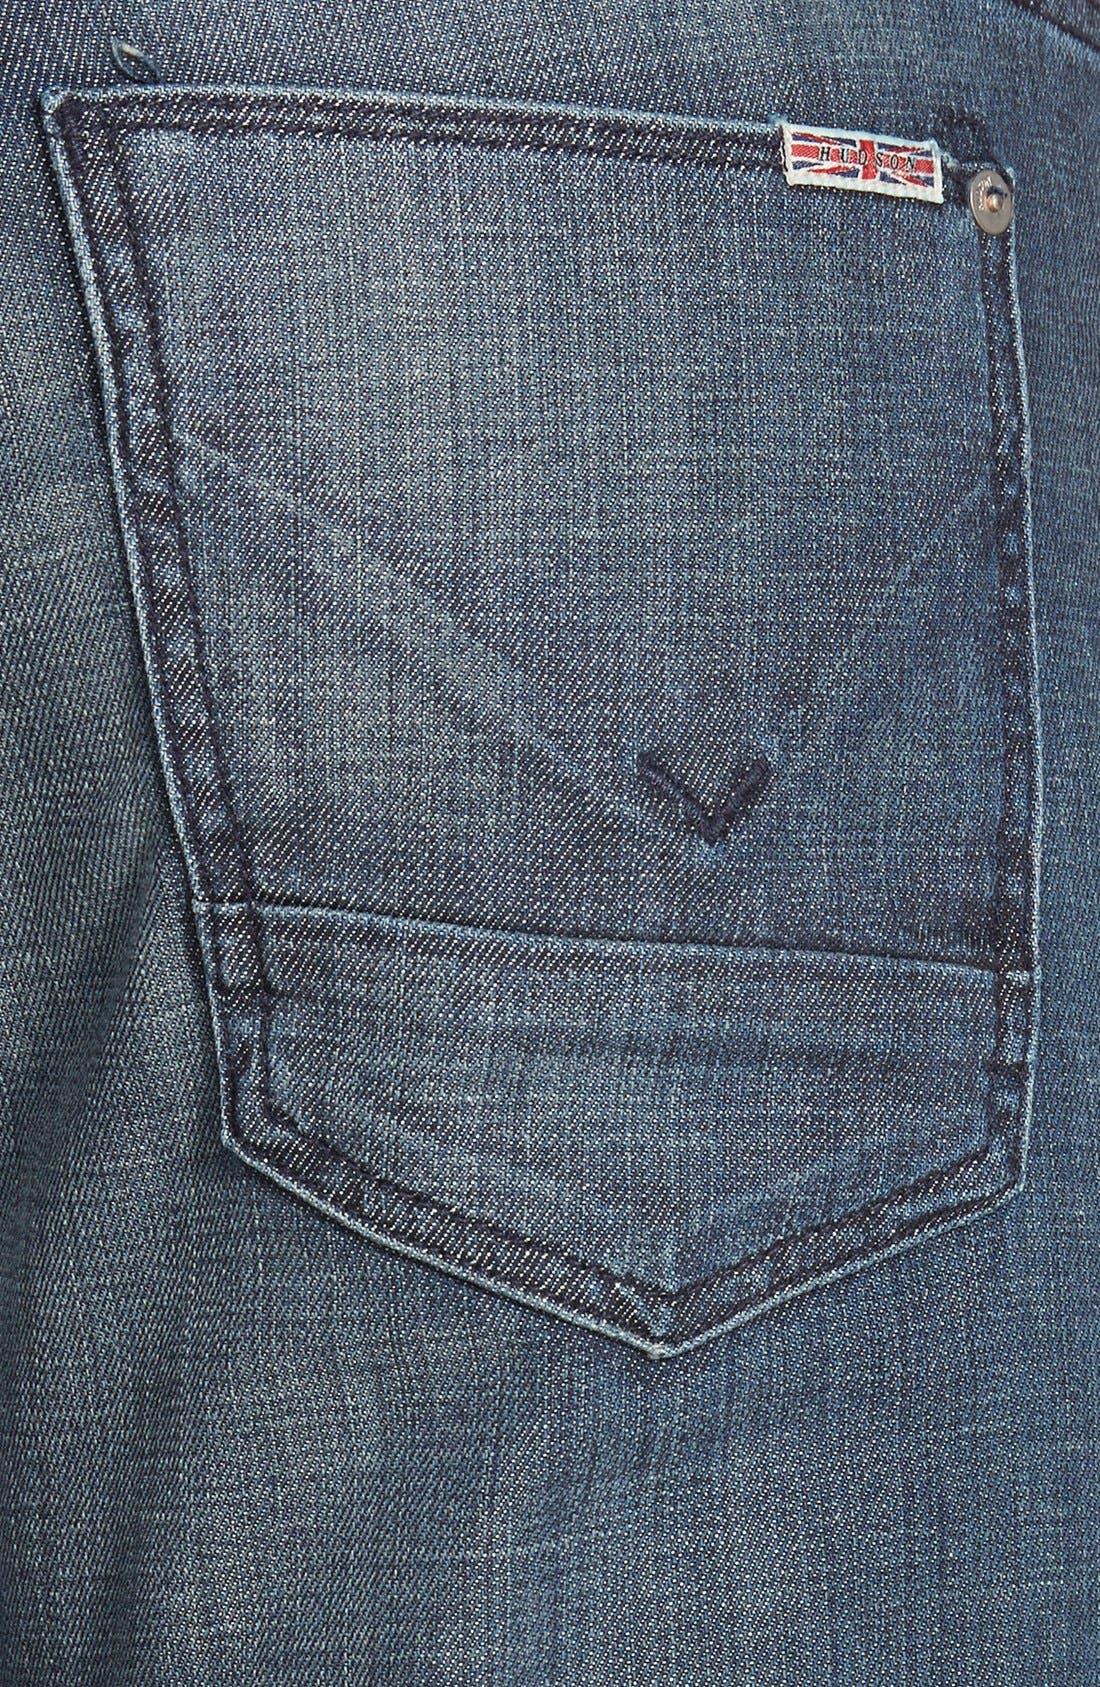 Alternate Image 4  - Hudson Jeans 'Byron' Slim Straight Leg Jeans (Commander)